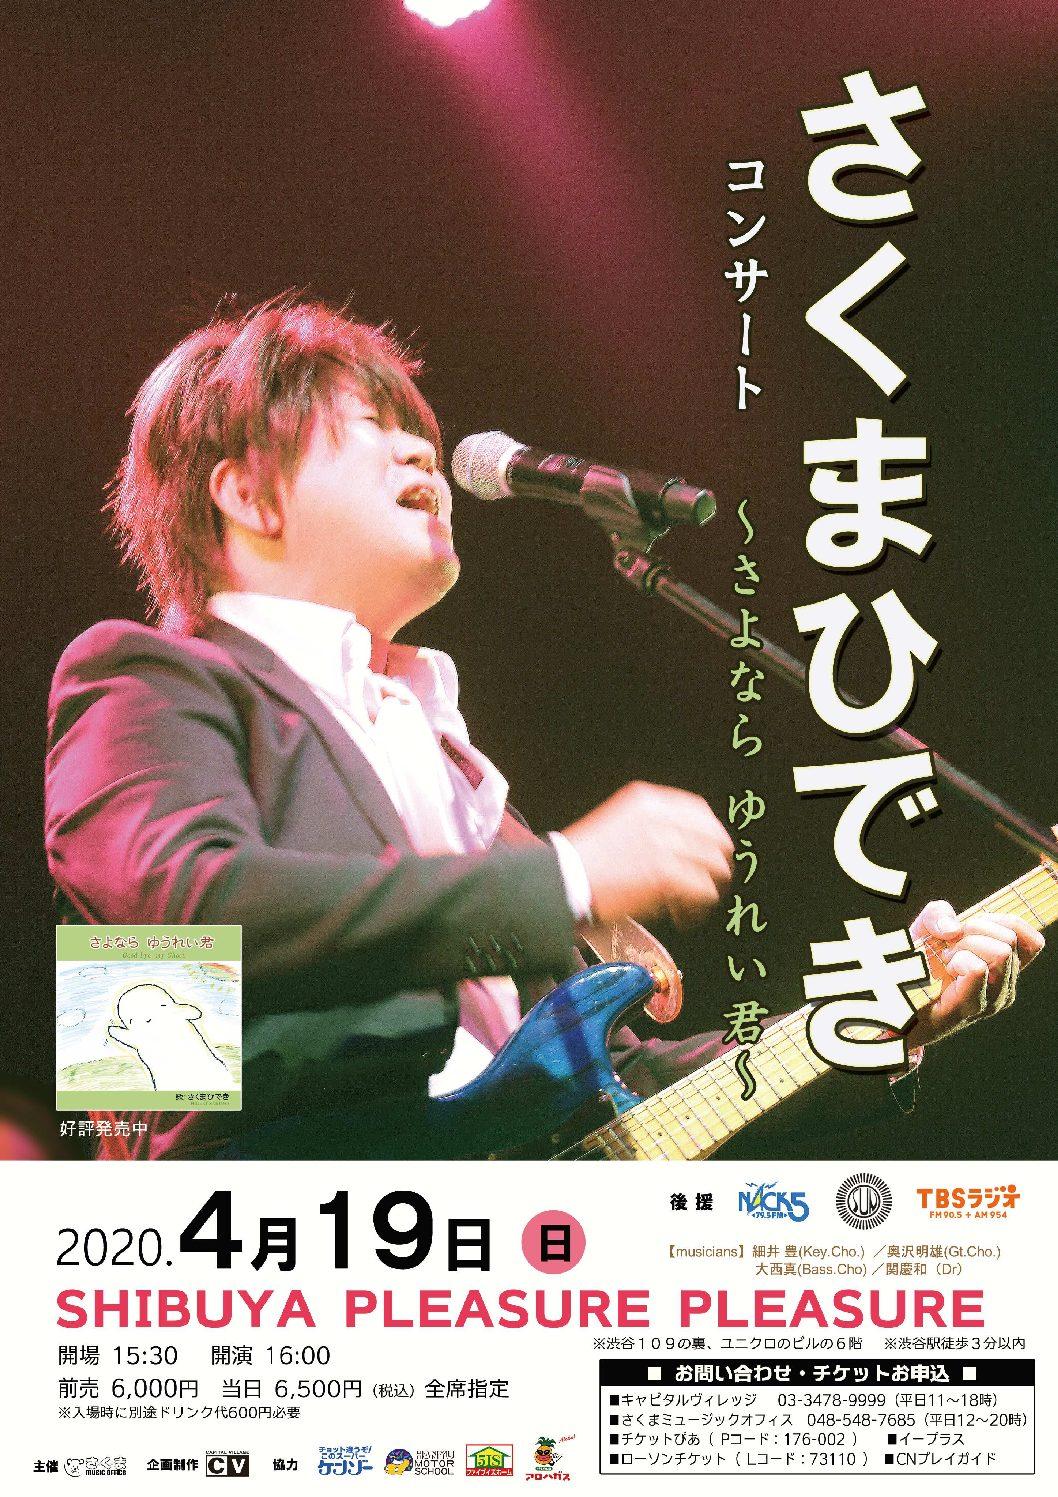 さくまひできコンサート~さよならゆうれい君~@渋谷PLEASURE PLEASURE(東京)